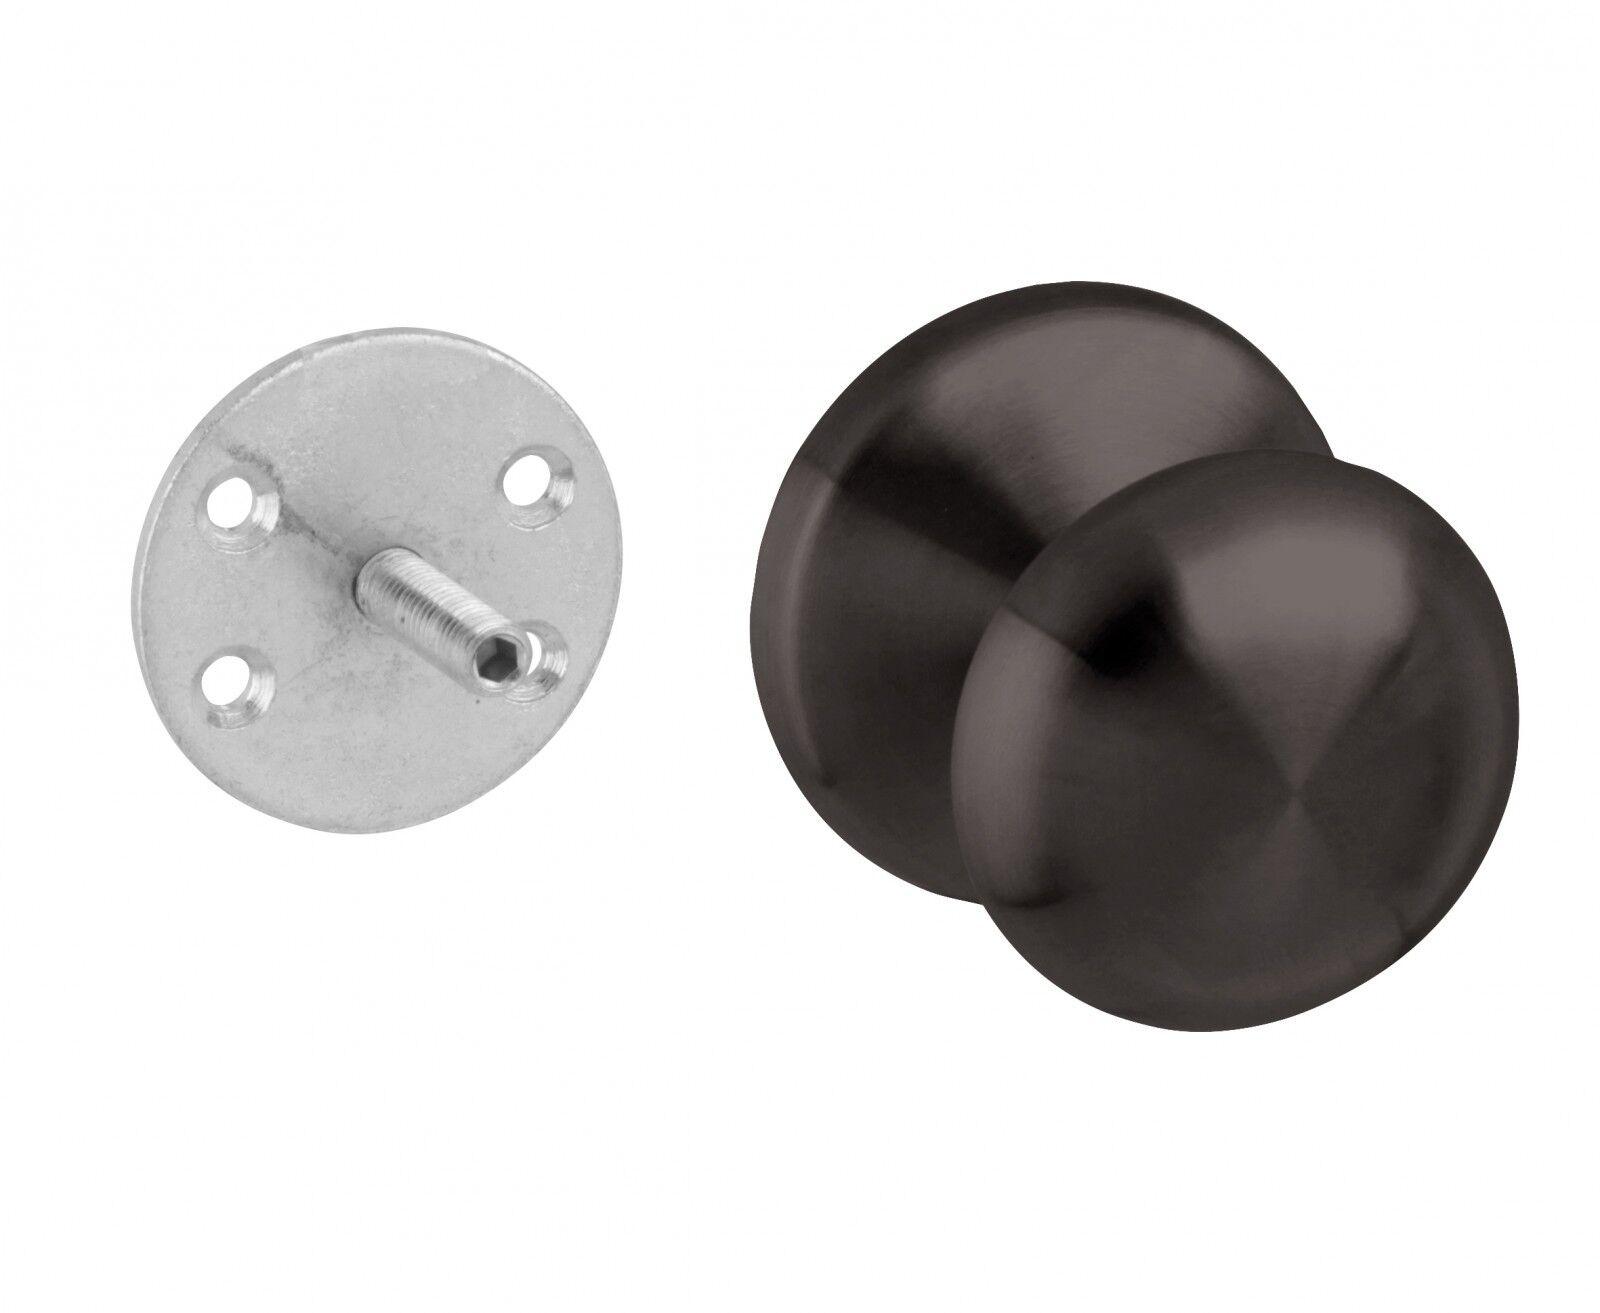 LILZ Edelstahl Türknauf in schwarz im Retro-Stil Retro-Stil Retro-Stil | Hohe Qualität  984b30